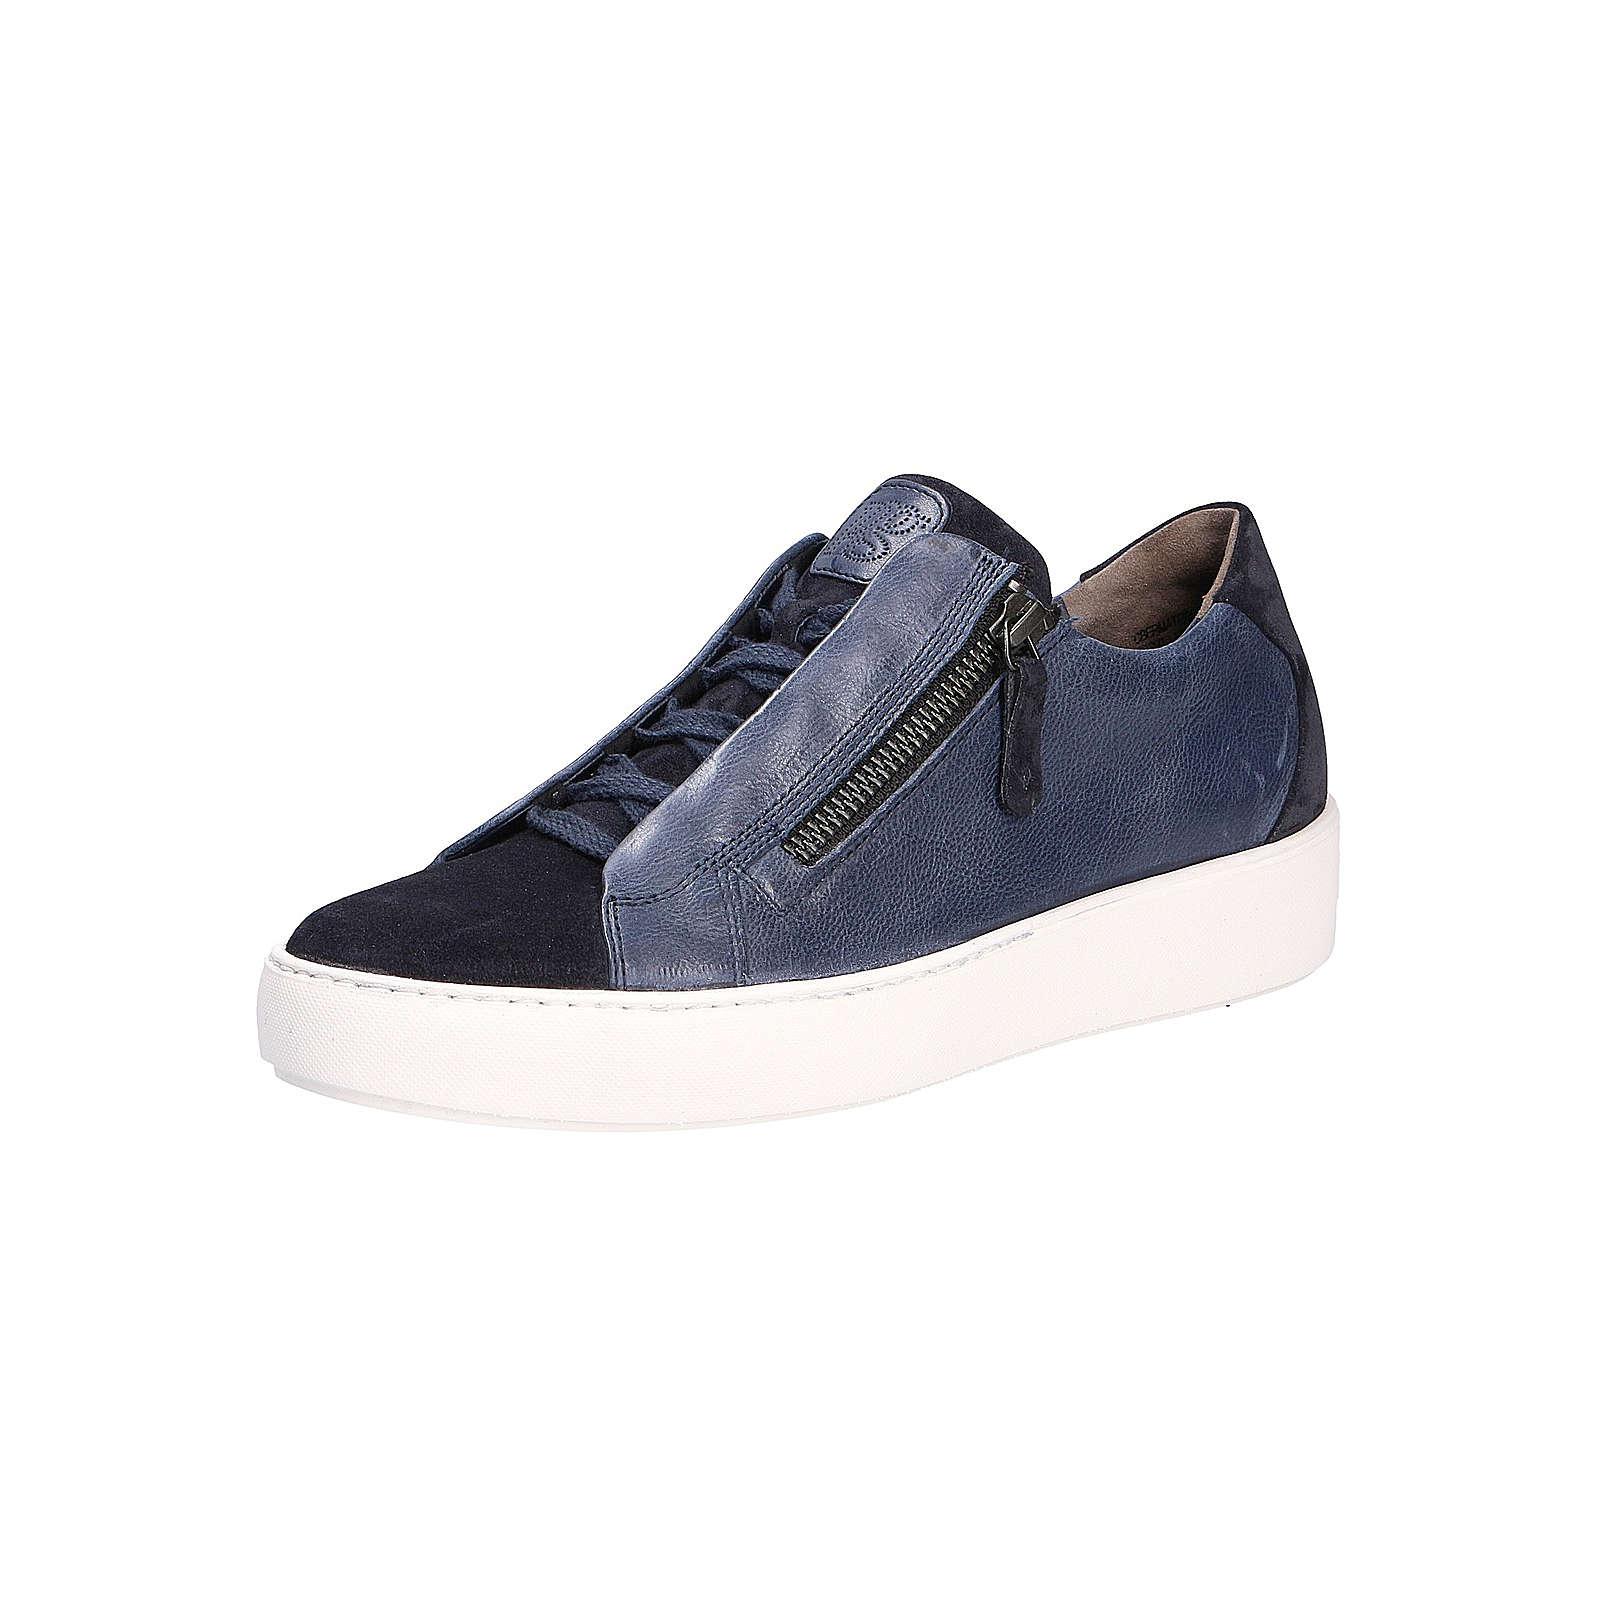 Paul Green Sneakers Low blau Damen Gr. 40,5